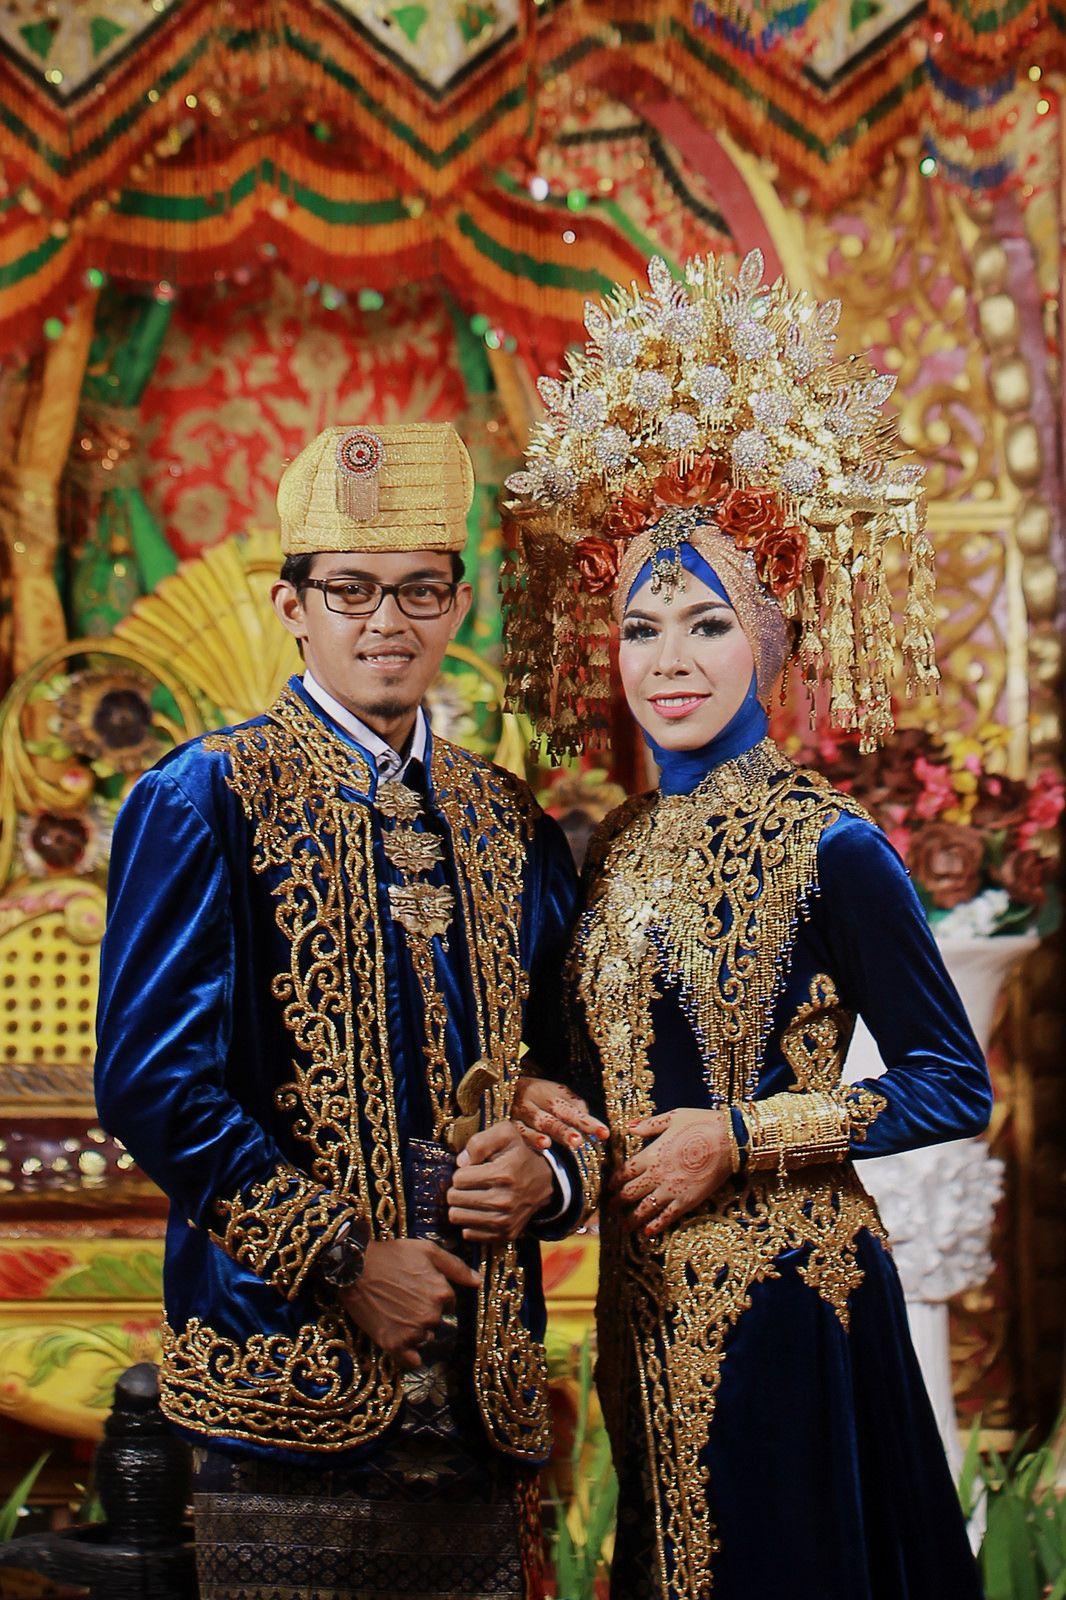 Pakaian Adat Daerah Sumatera Barat